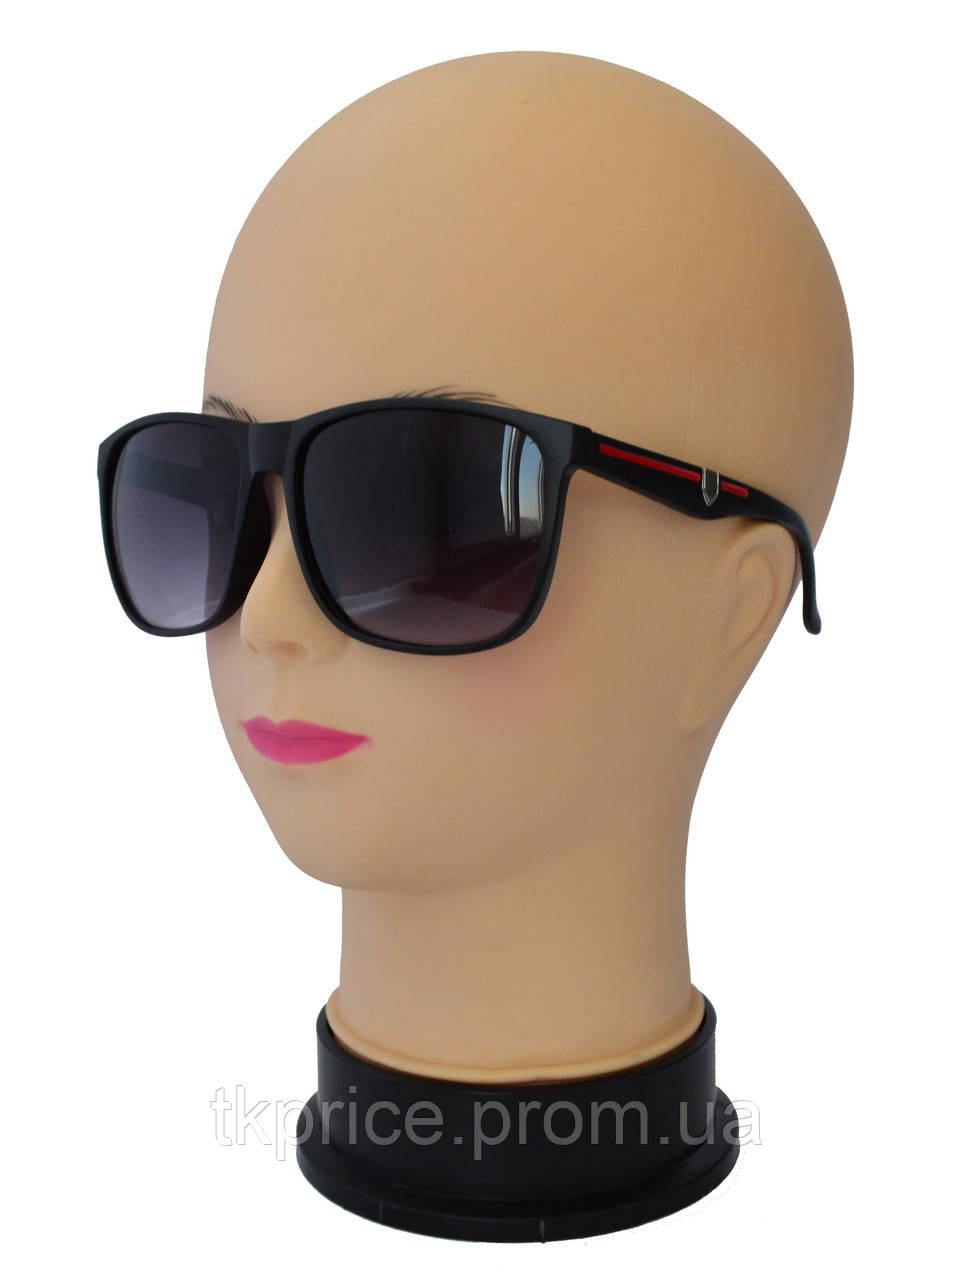 Мужские солнцезащитные очки матовые